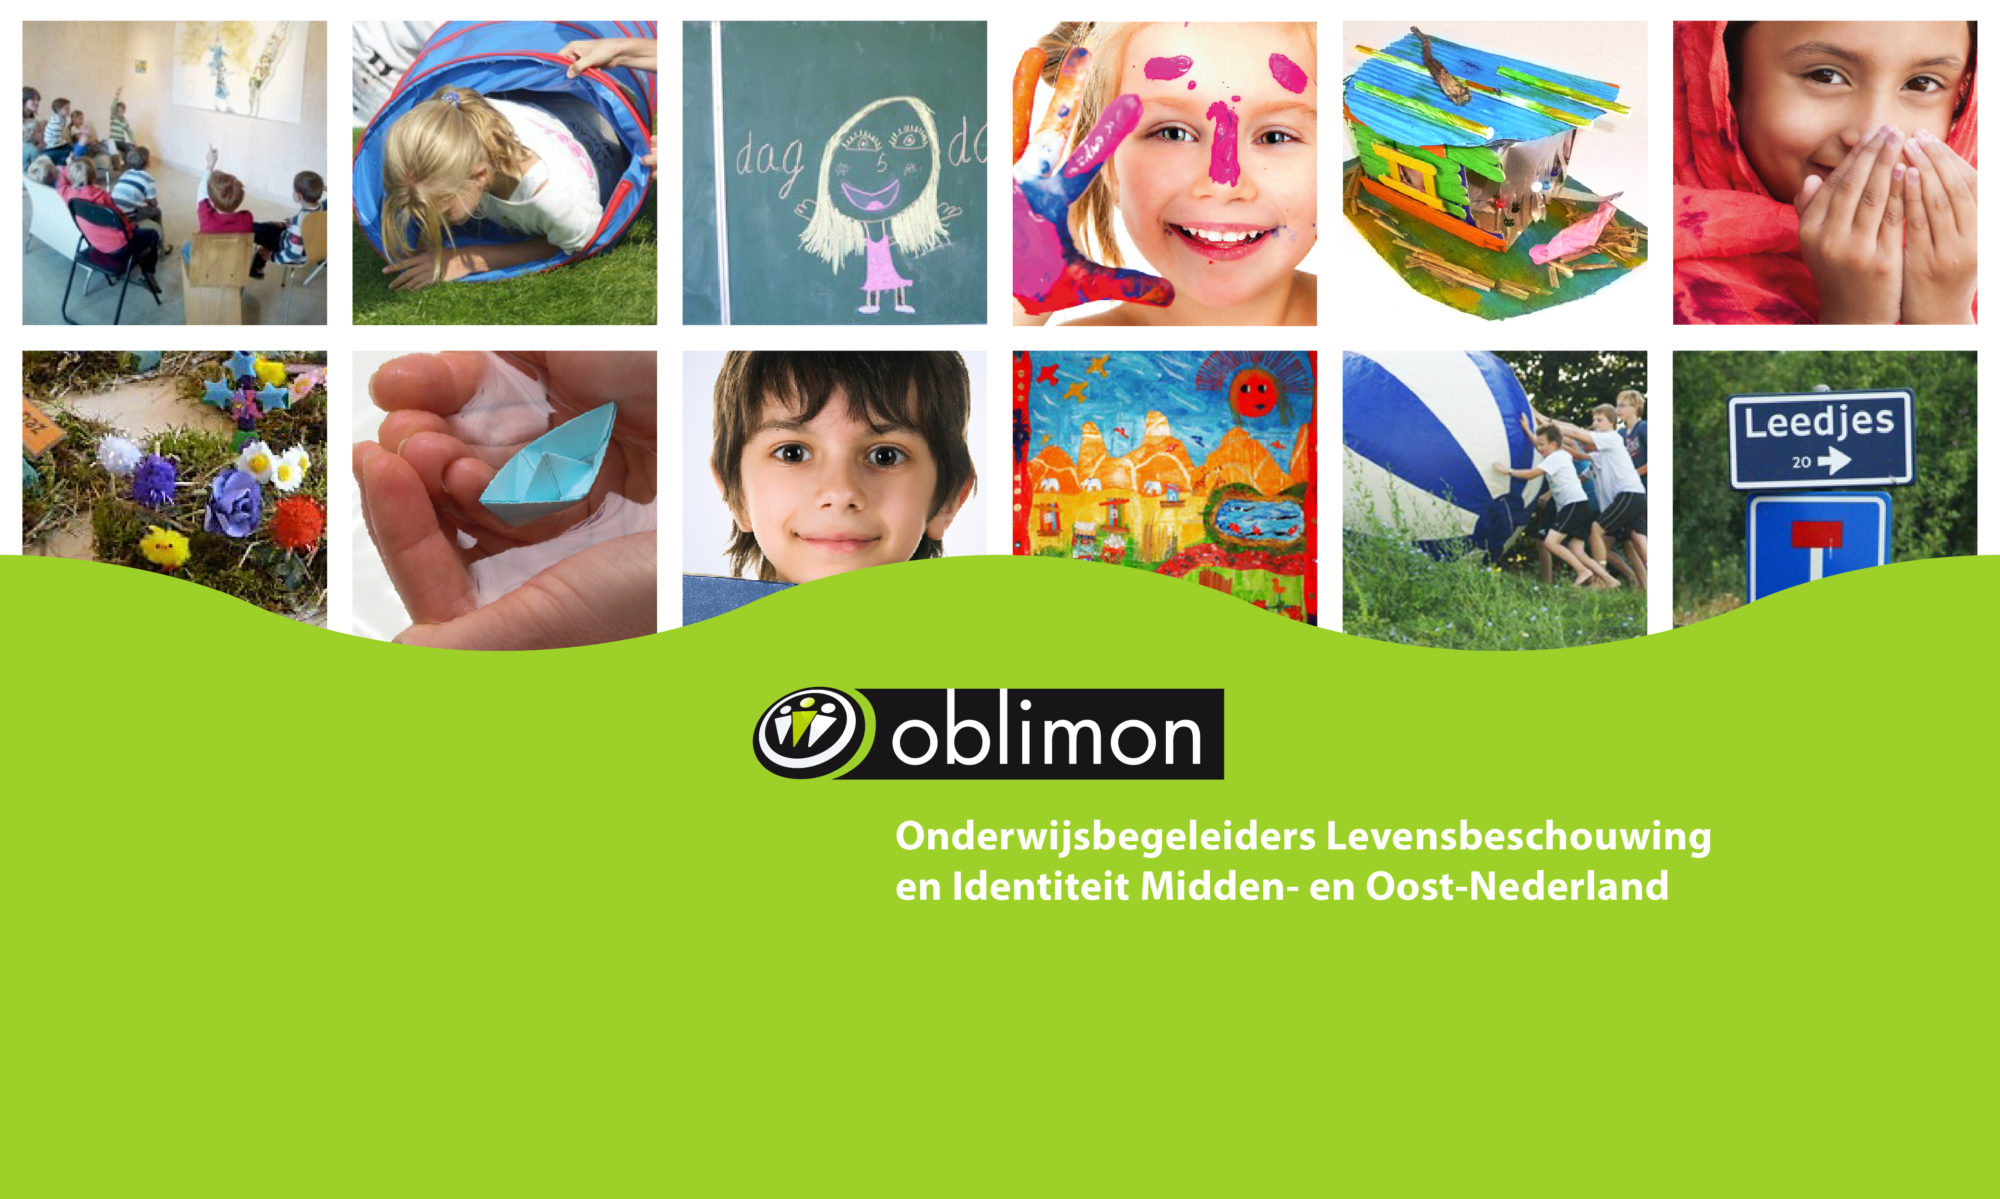 oblimon